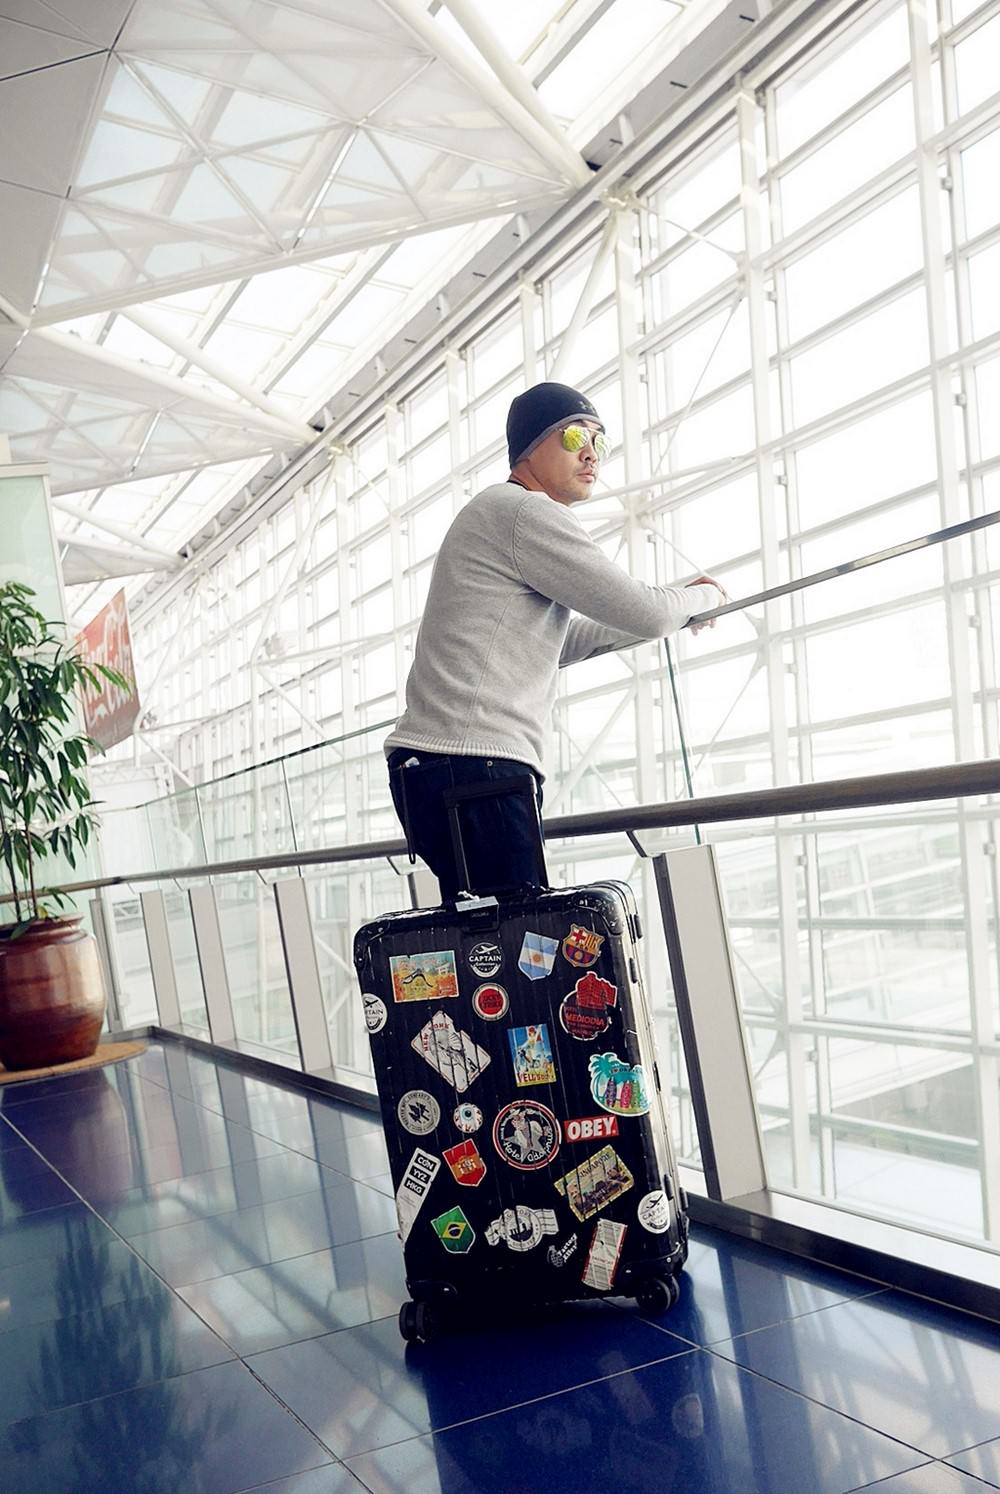 日本旅遊,冬季旅遊行前準備,雪地穿搭,日本東北旅行,保暖穿搭,652